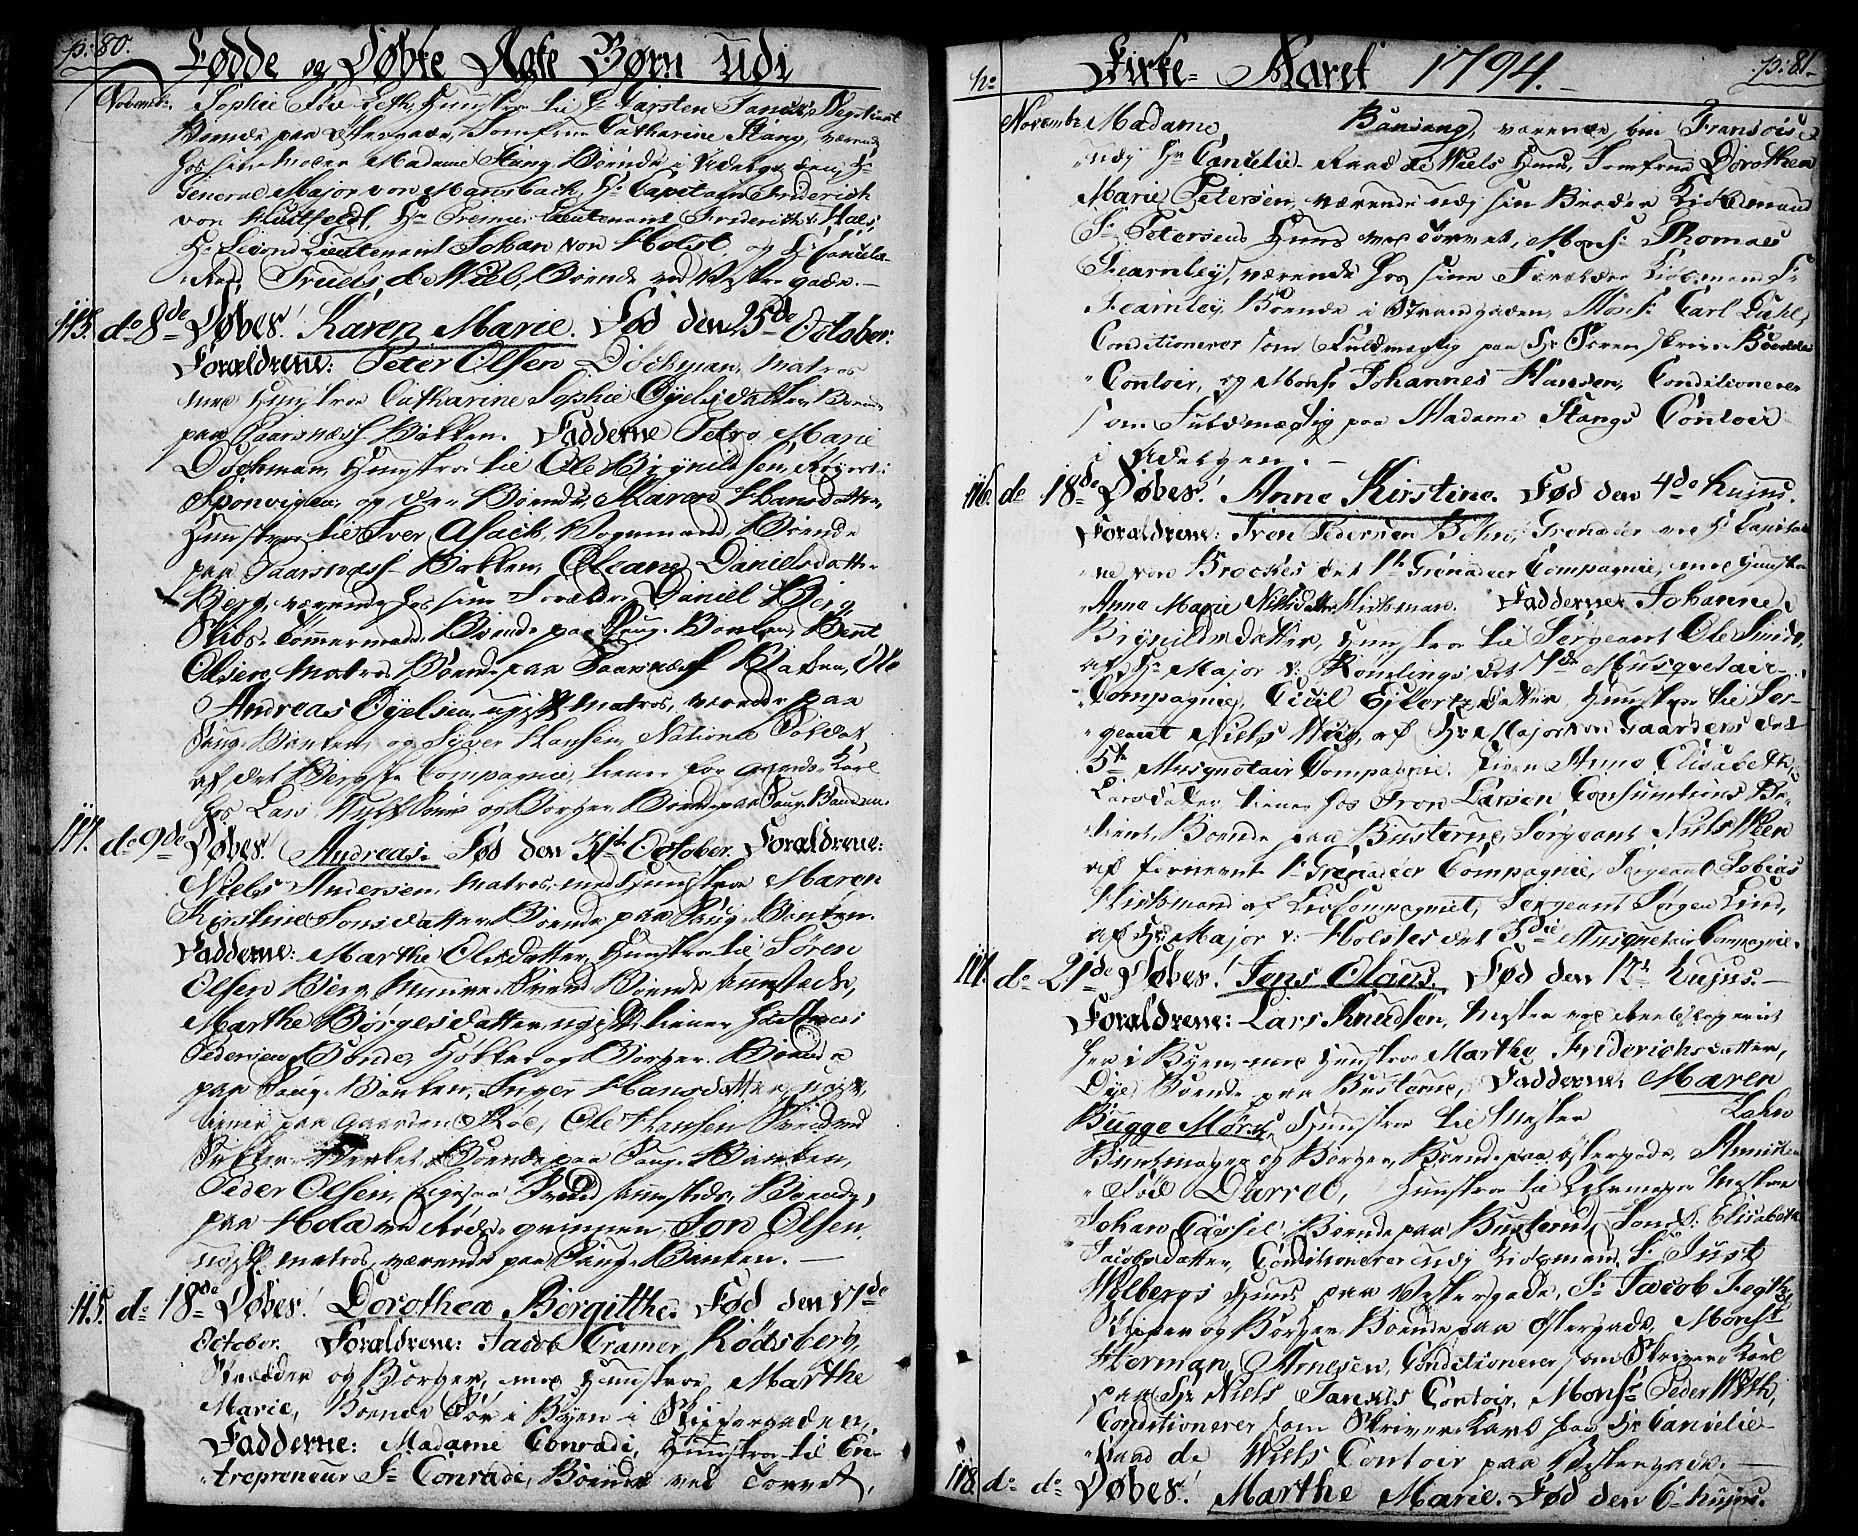 SAO, Halden prestekontor Kirkebøker, F/Fa/L0002: Ministerialbok nr. I 2, 1792-1812, s. 80-81